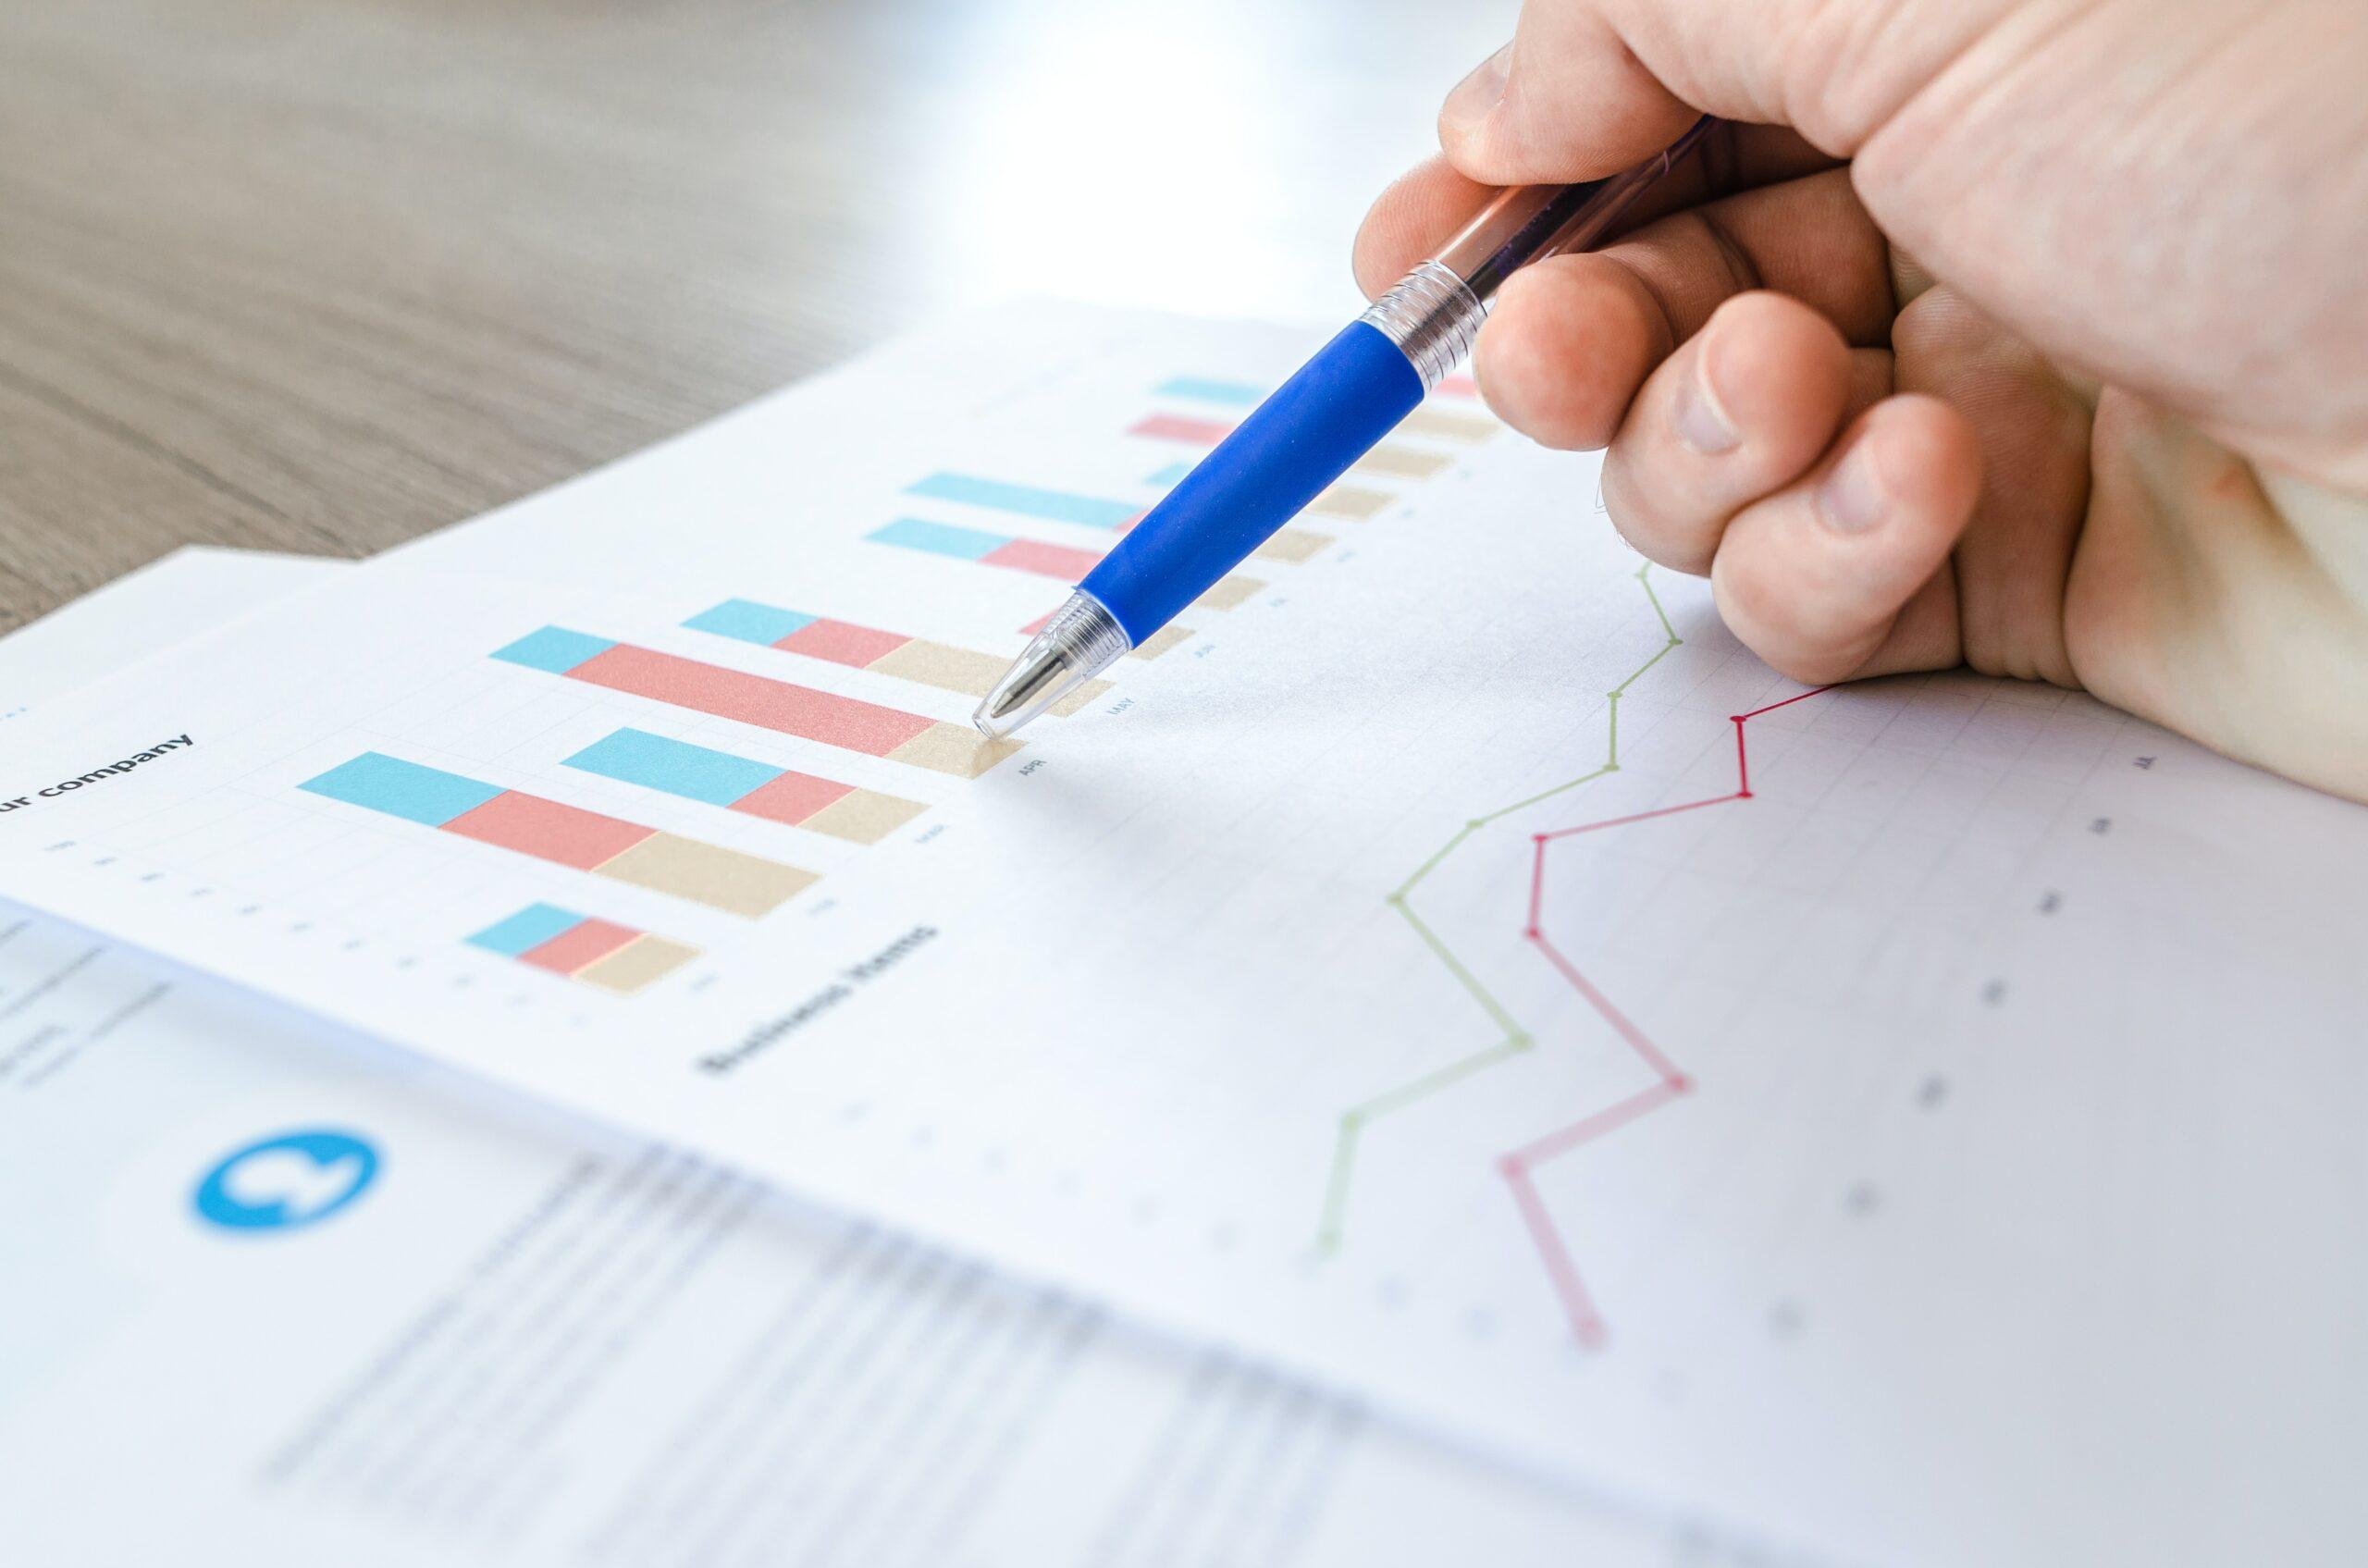 Umfrage – Nach Beitragserhöhung: 38 Prozent der Versicherten überlegen, den Anbieter zu wechseln